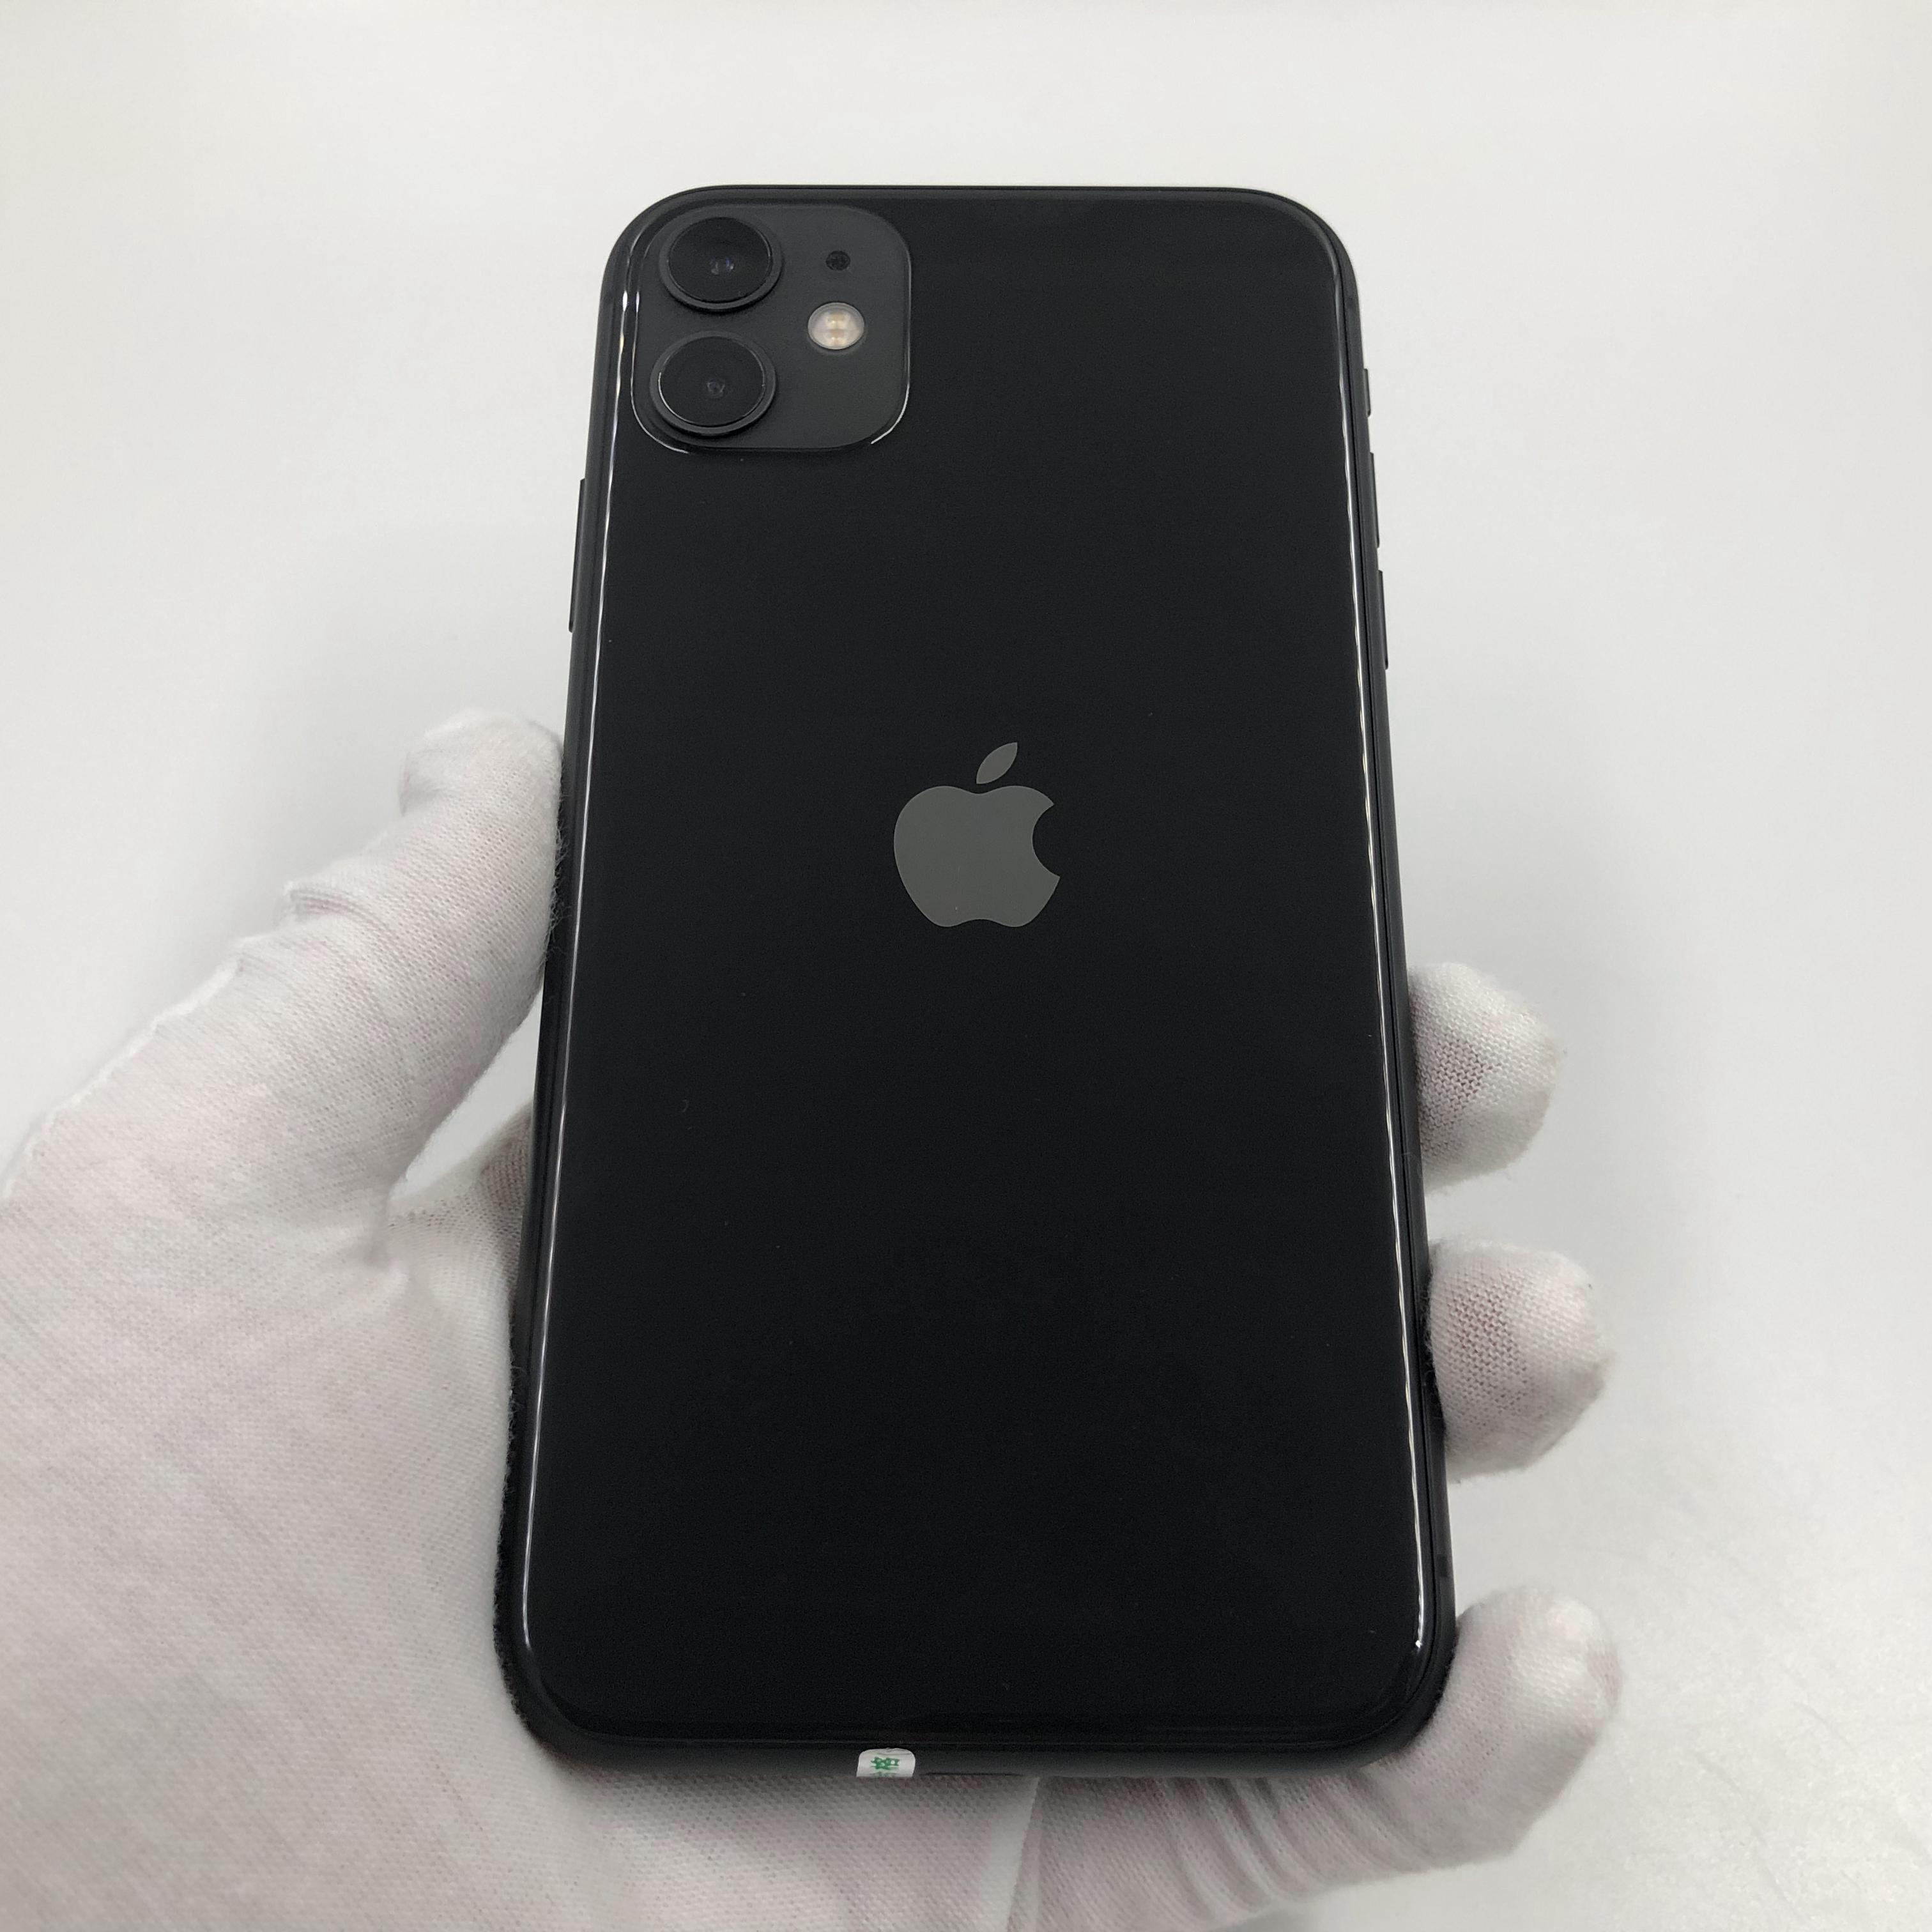 苹果【iPhone 11】4G全网通 黑色 128G 国行 95新 真机实拍官保2021-11-08